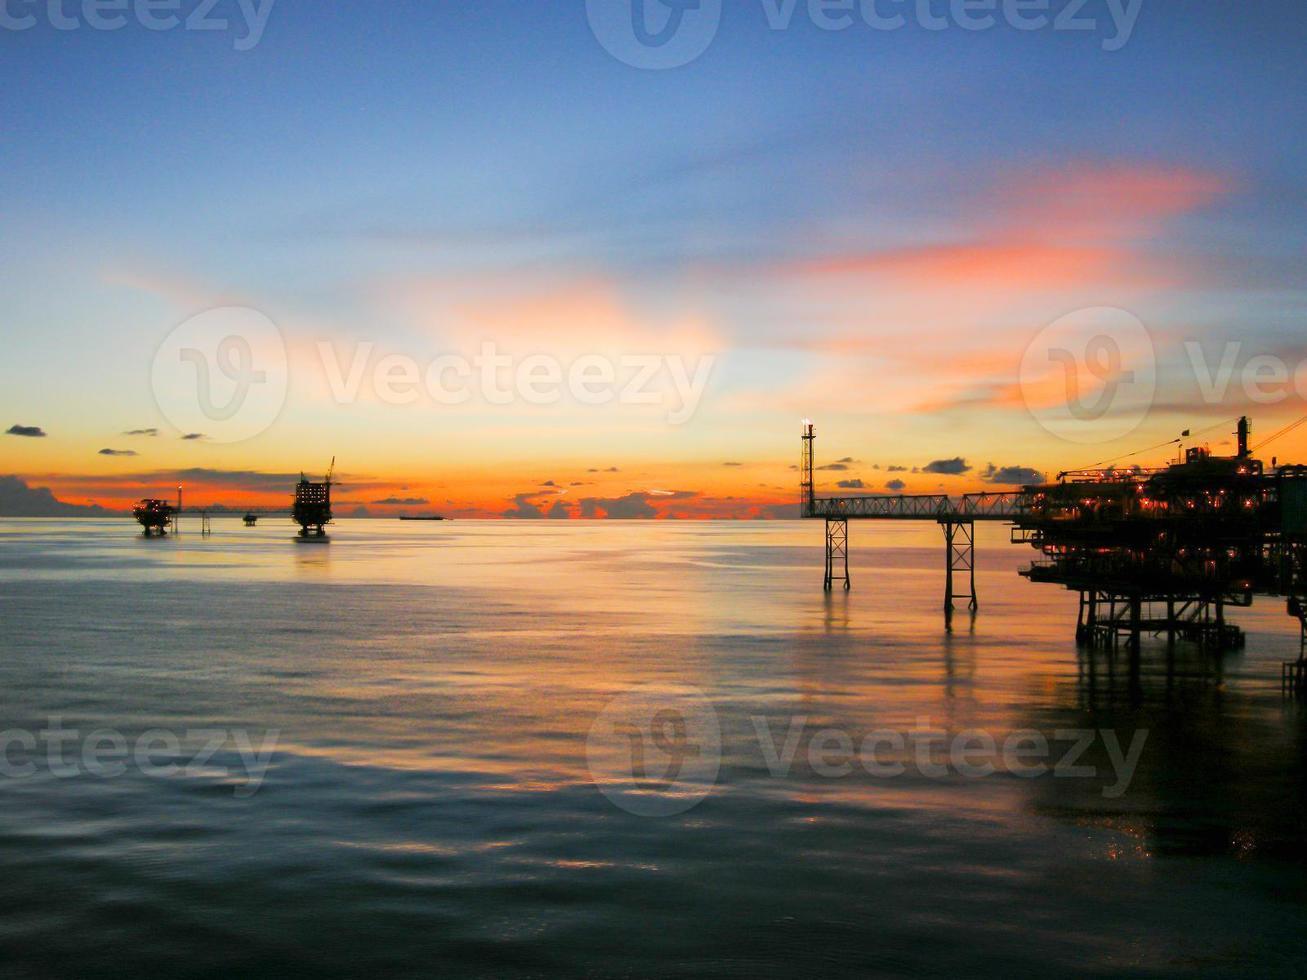 Öl- und Gasplattform am Morgen, Sonnenaufgang foto